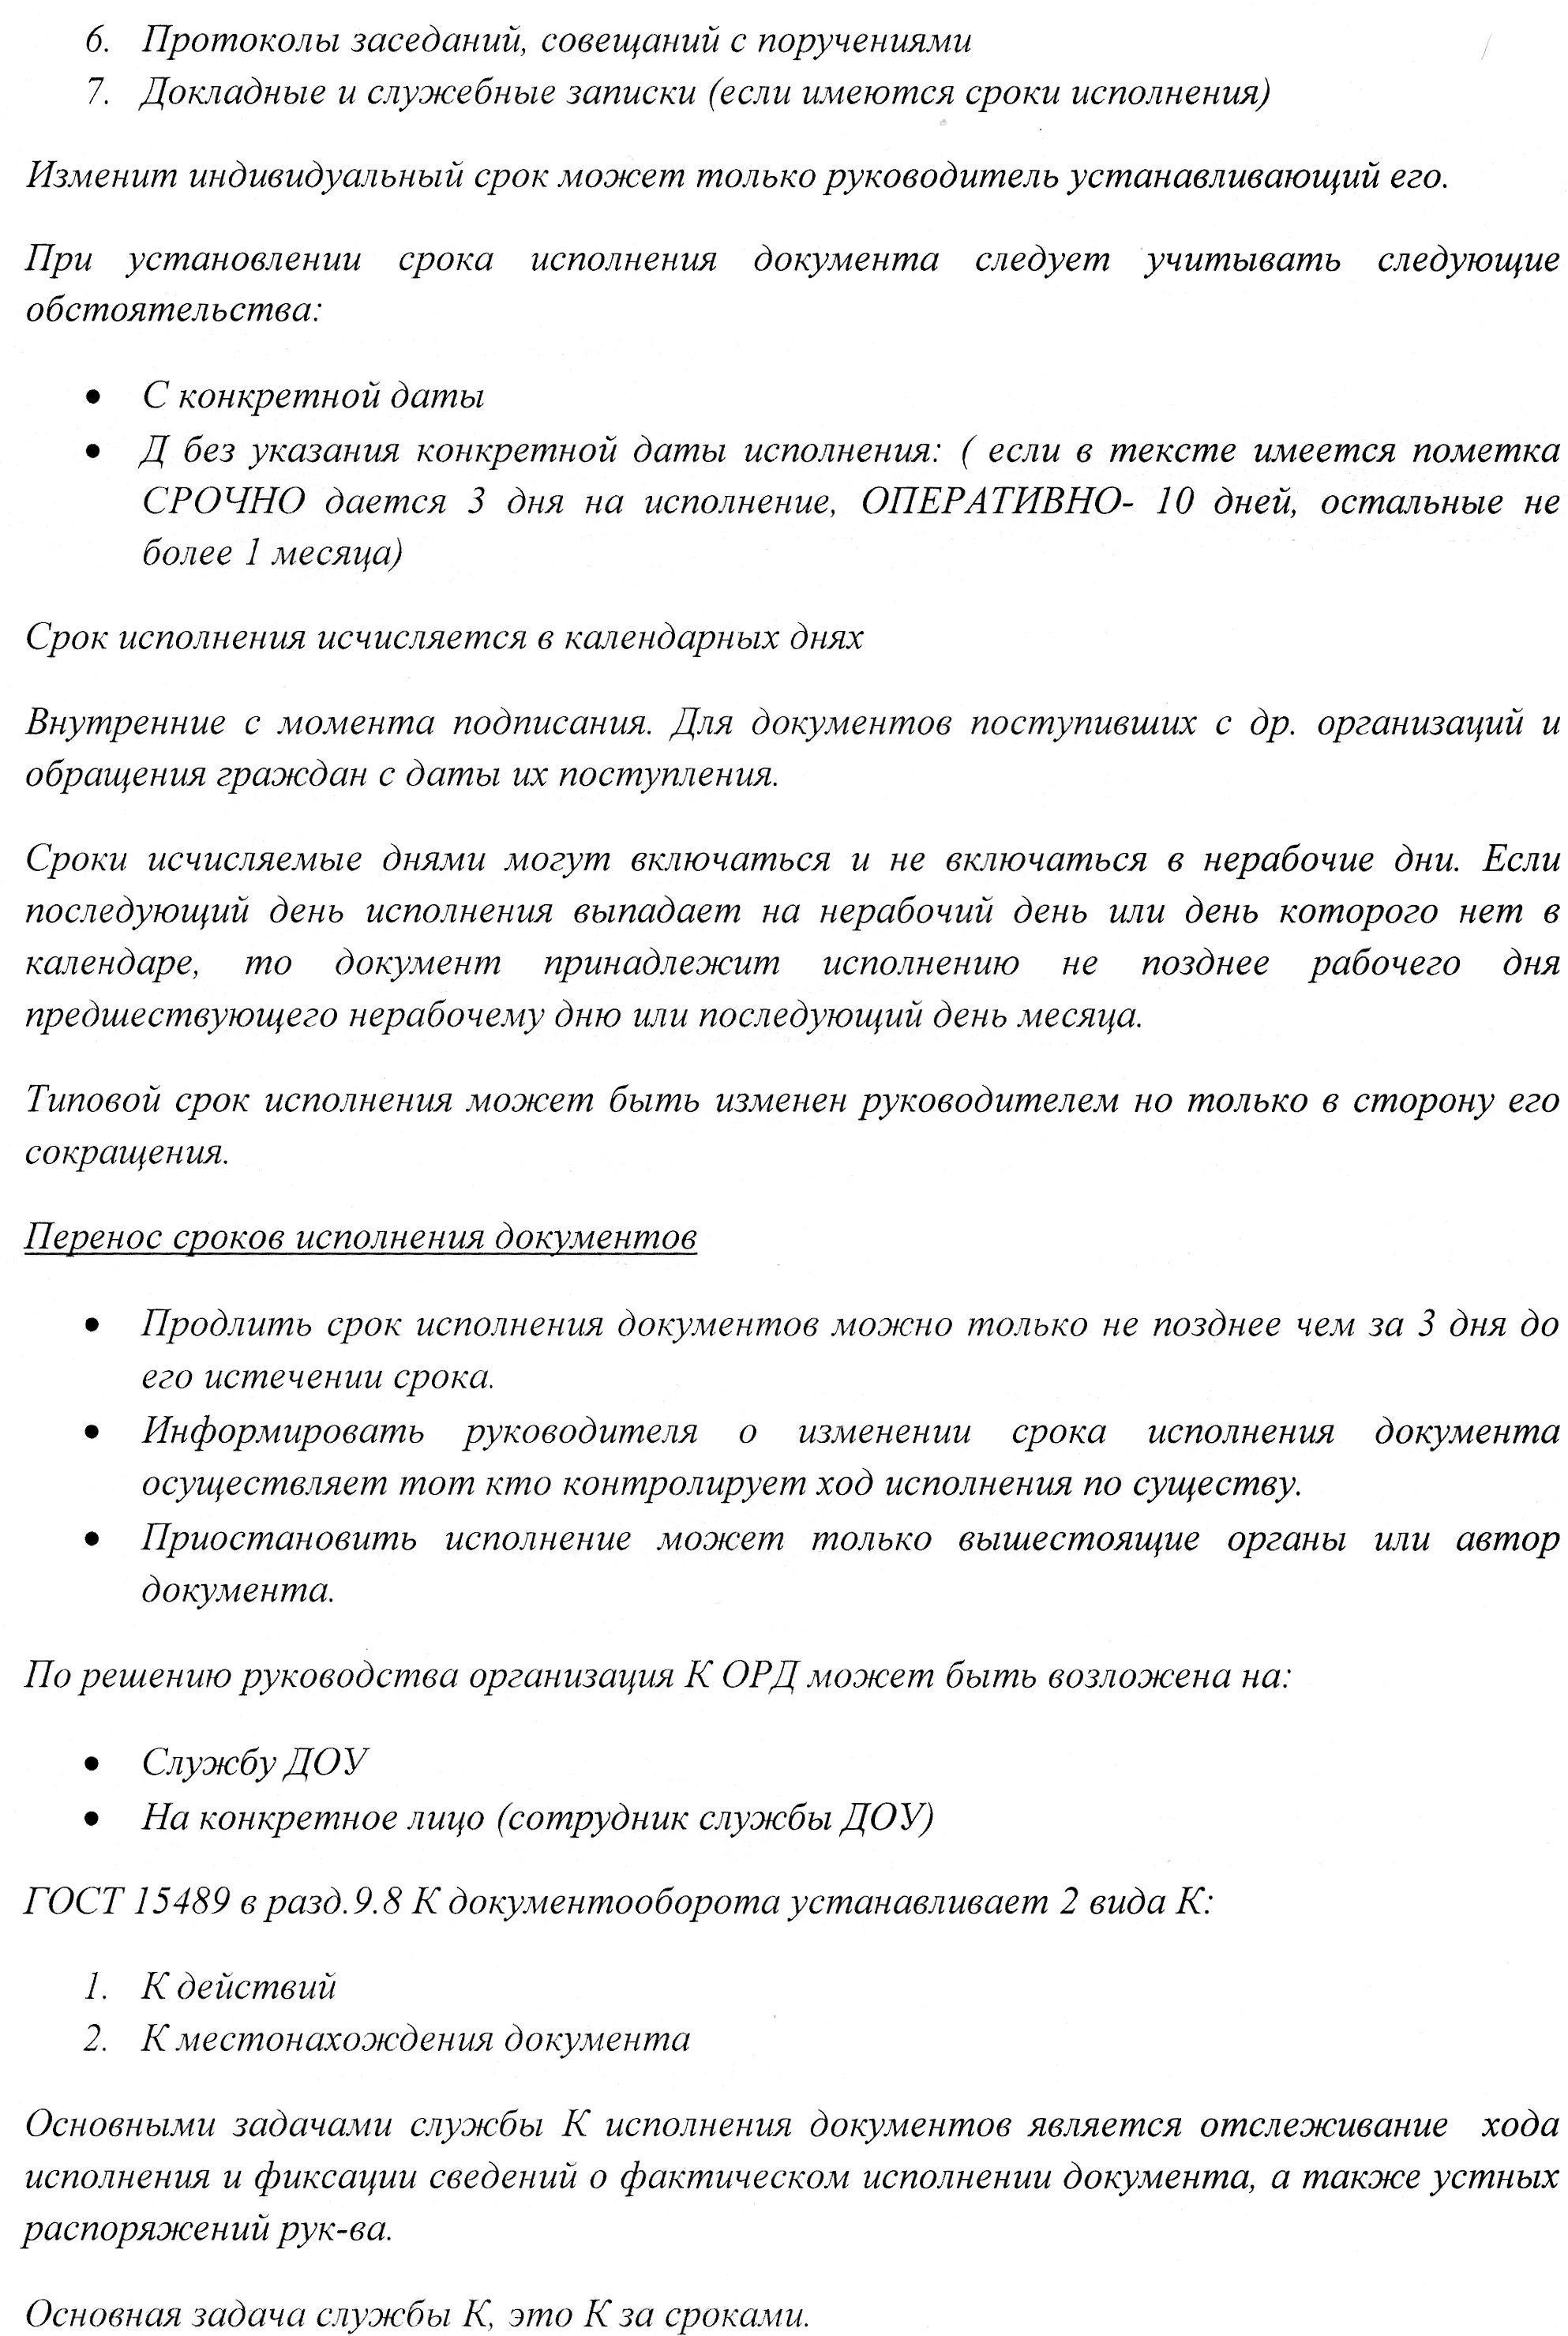 Инструкции по делопроизводству в организациях